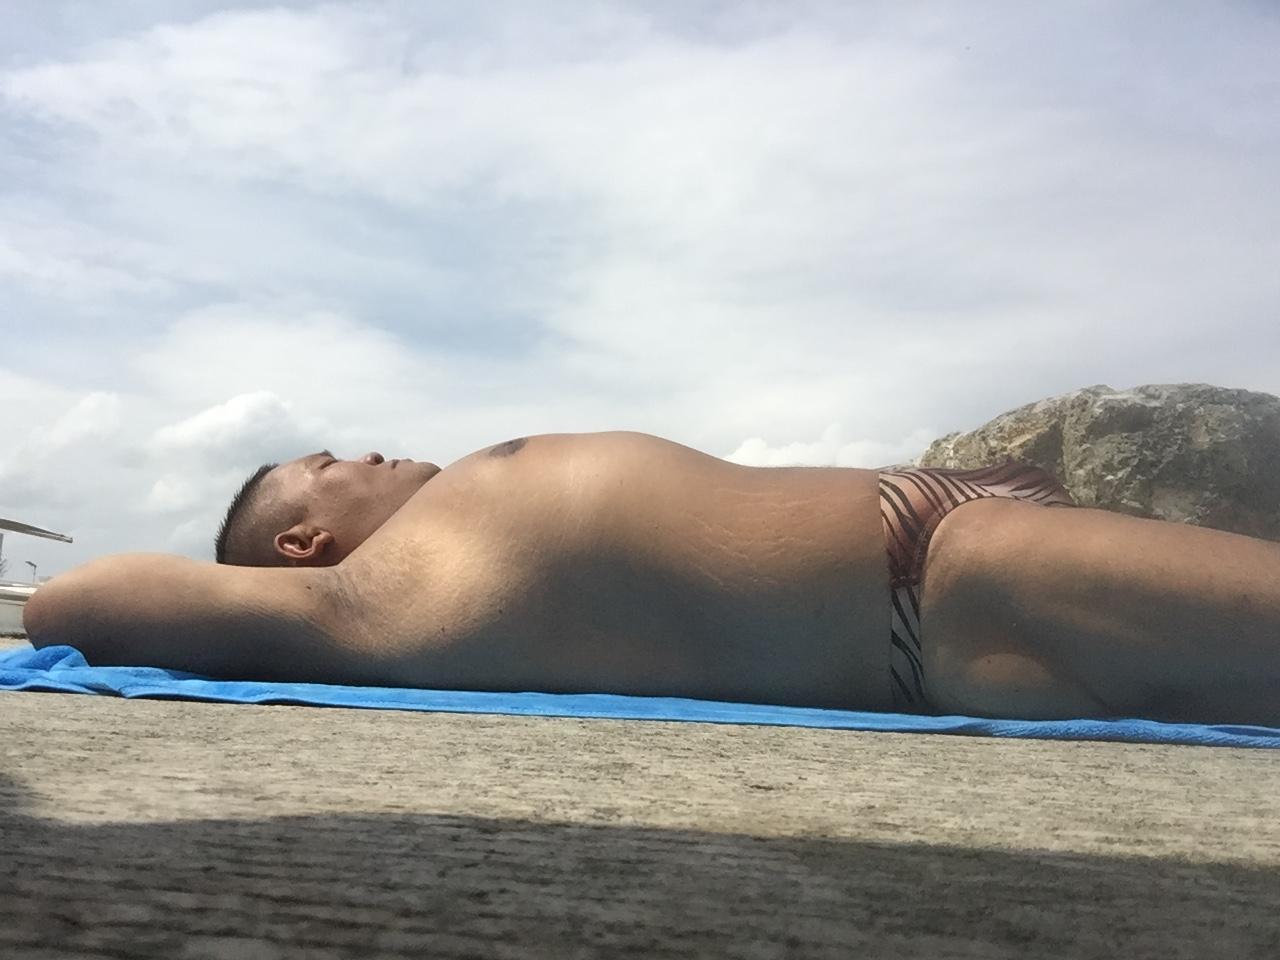 Bikini sun bather (198/218)